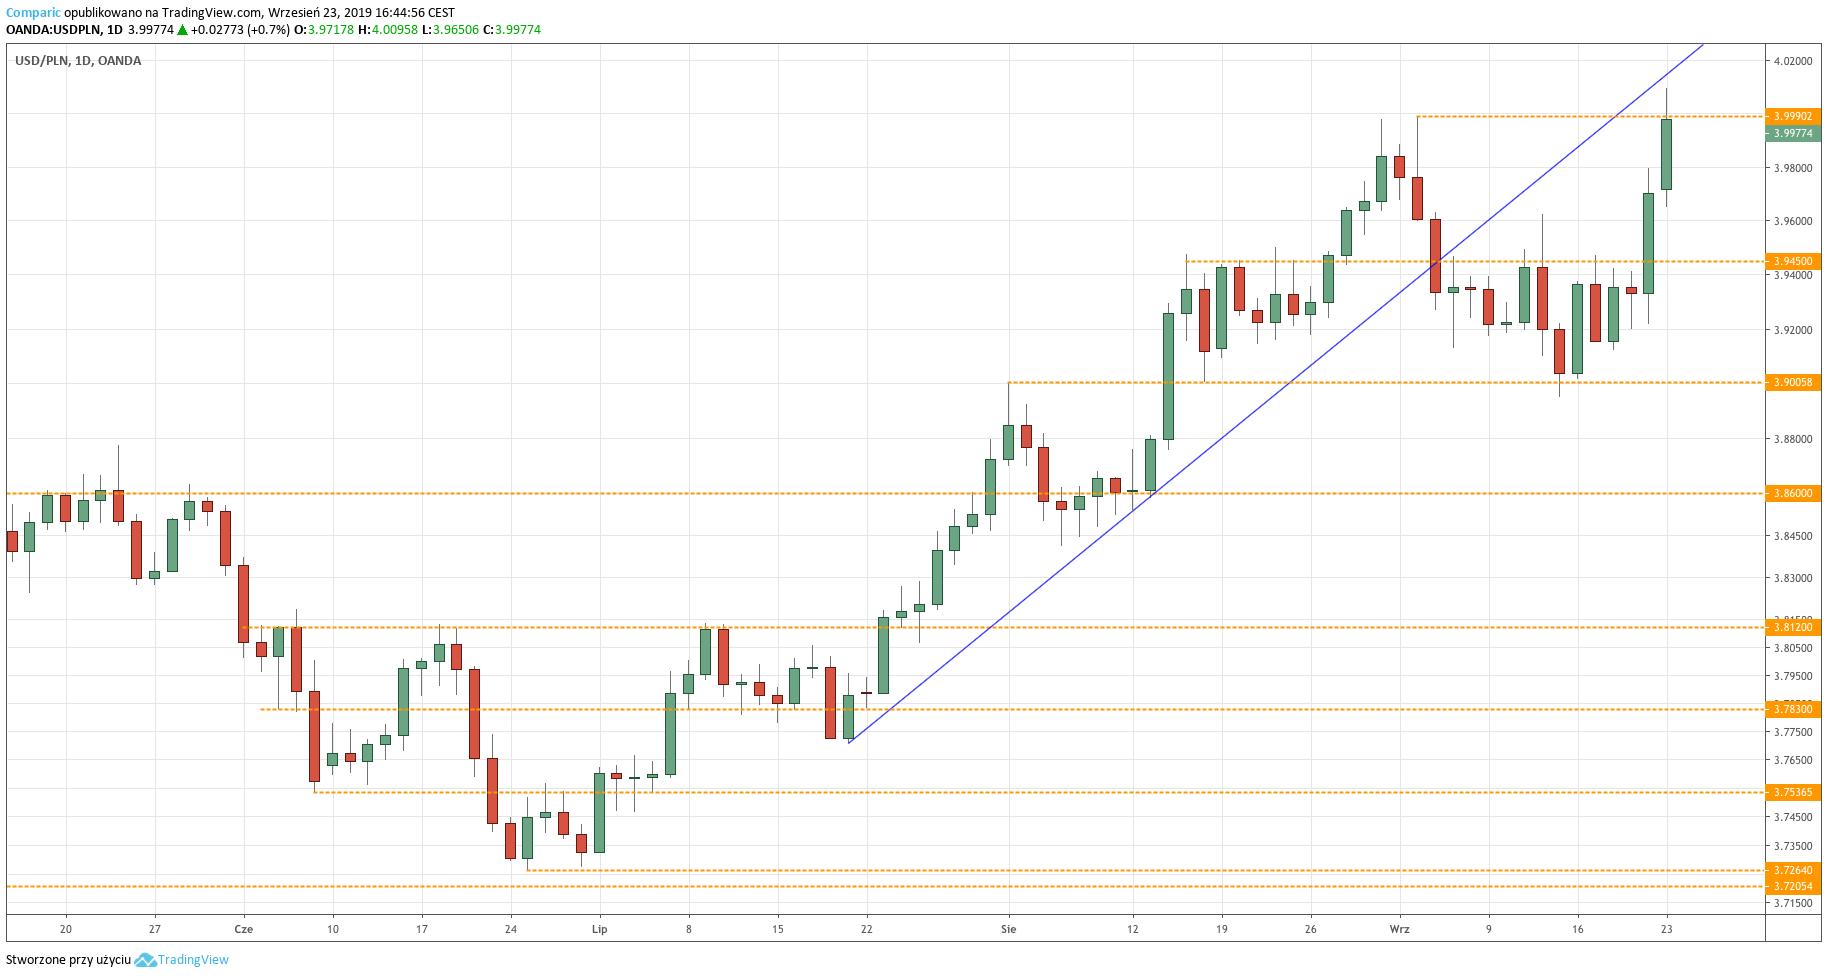 Kurs dolara do złotego (USDPLN) - wykres dzienny - 23 września 2019